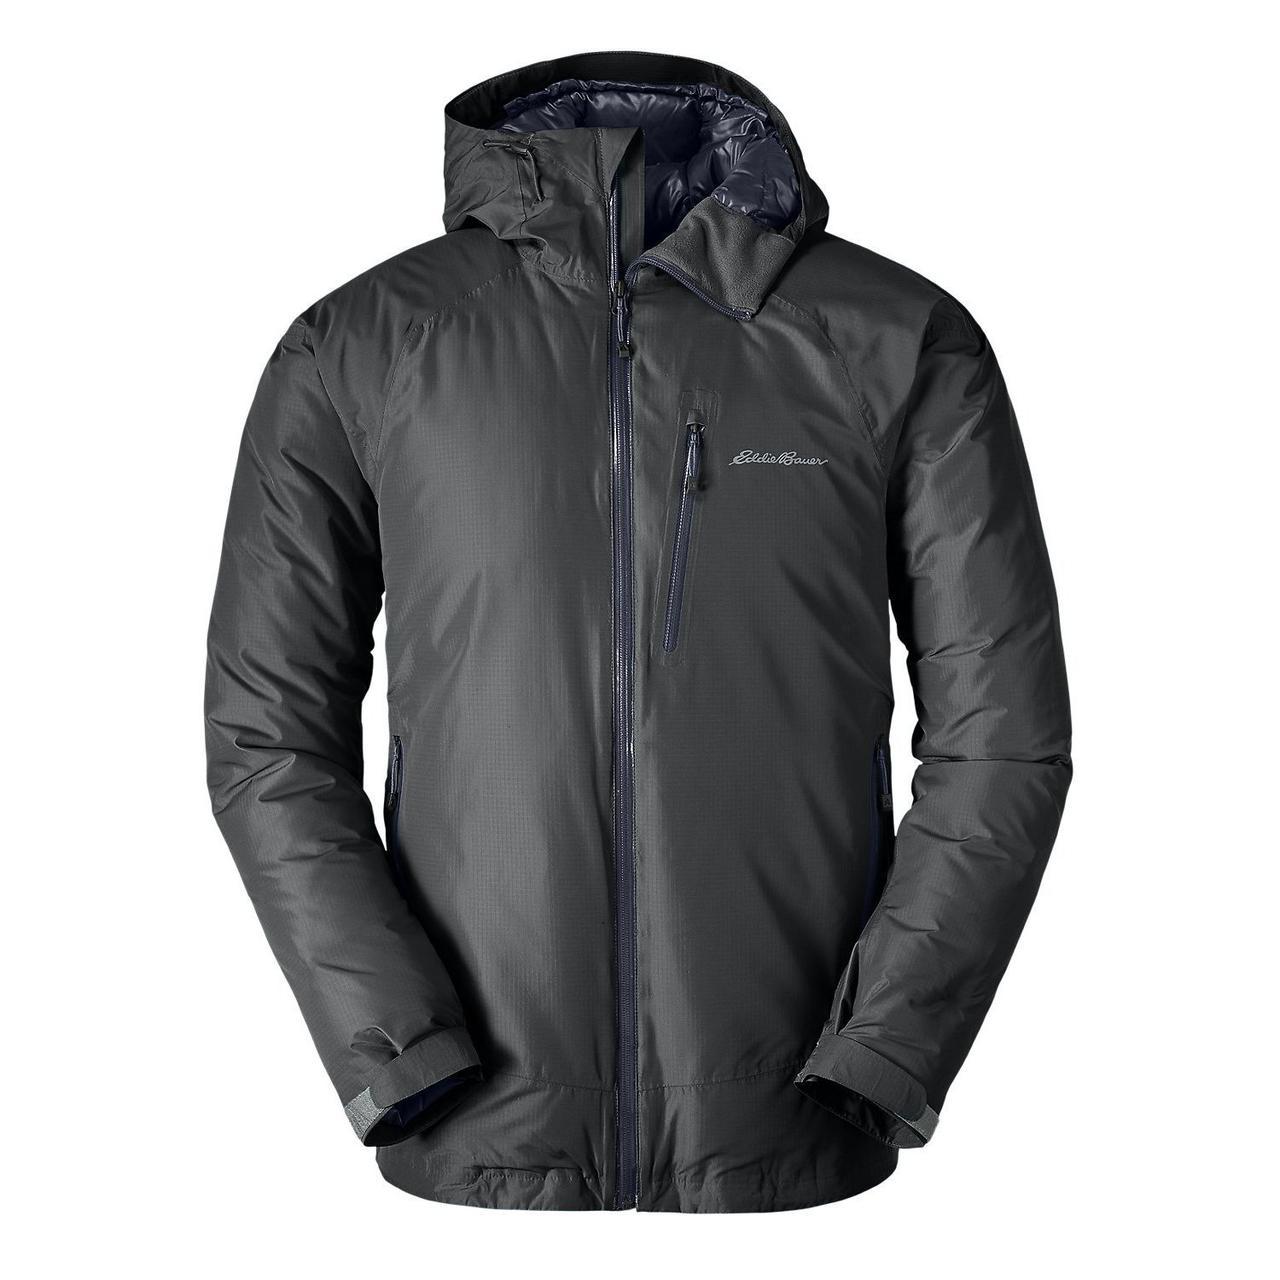 Мембранная куртка мужская Eddie Bauer Men BC Downlight StormDown DK SMOKE (L)